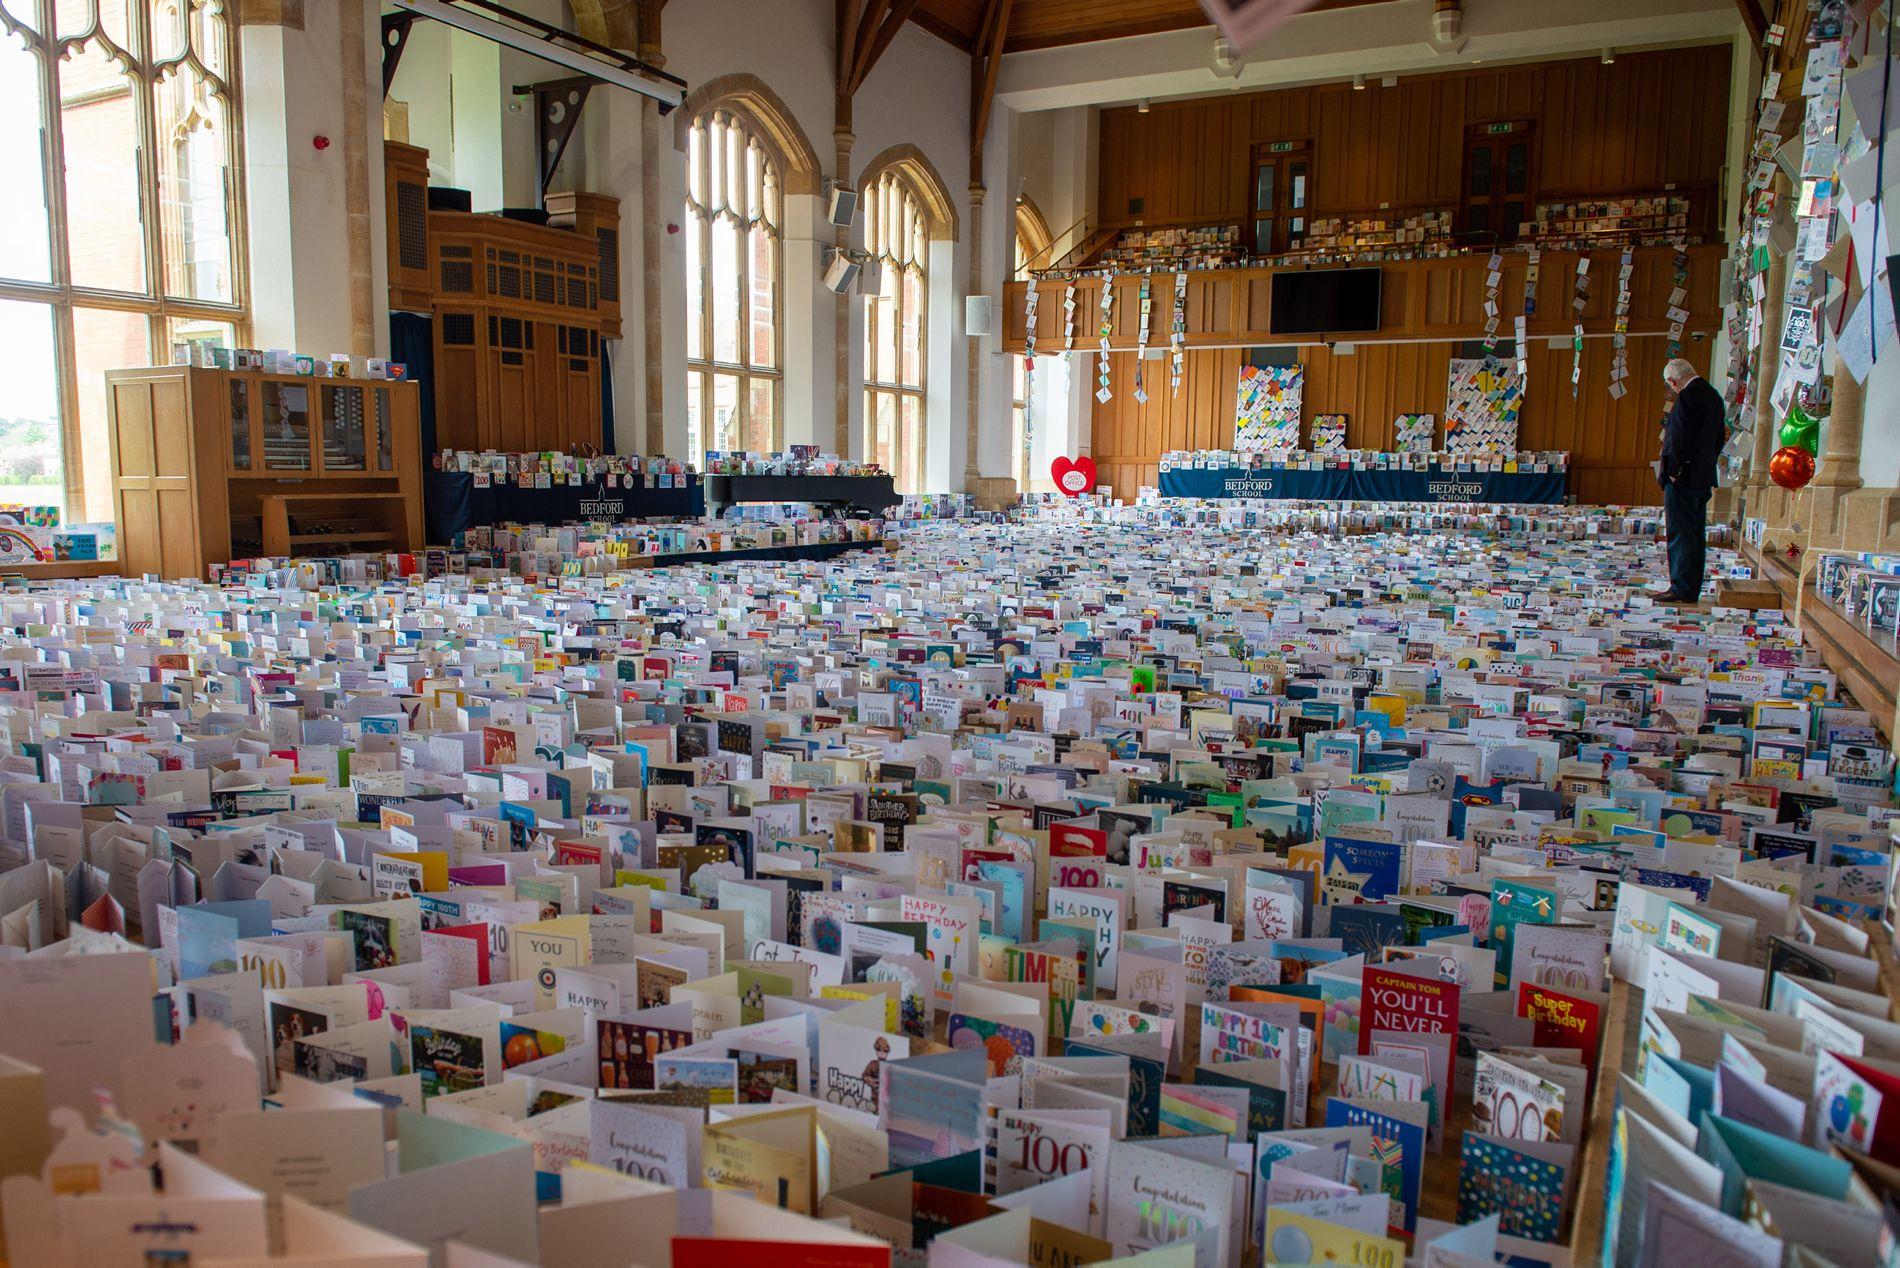 Хиляди картички за рожденика бяха събрани в училището в Бедфордшир